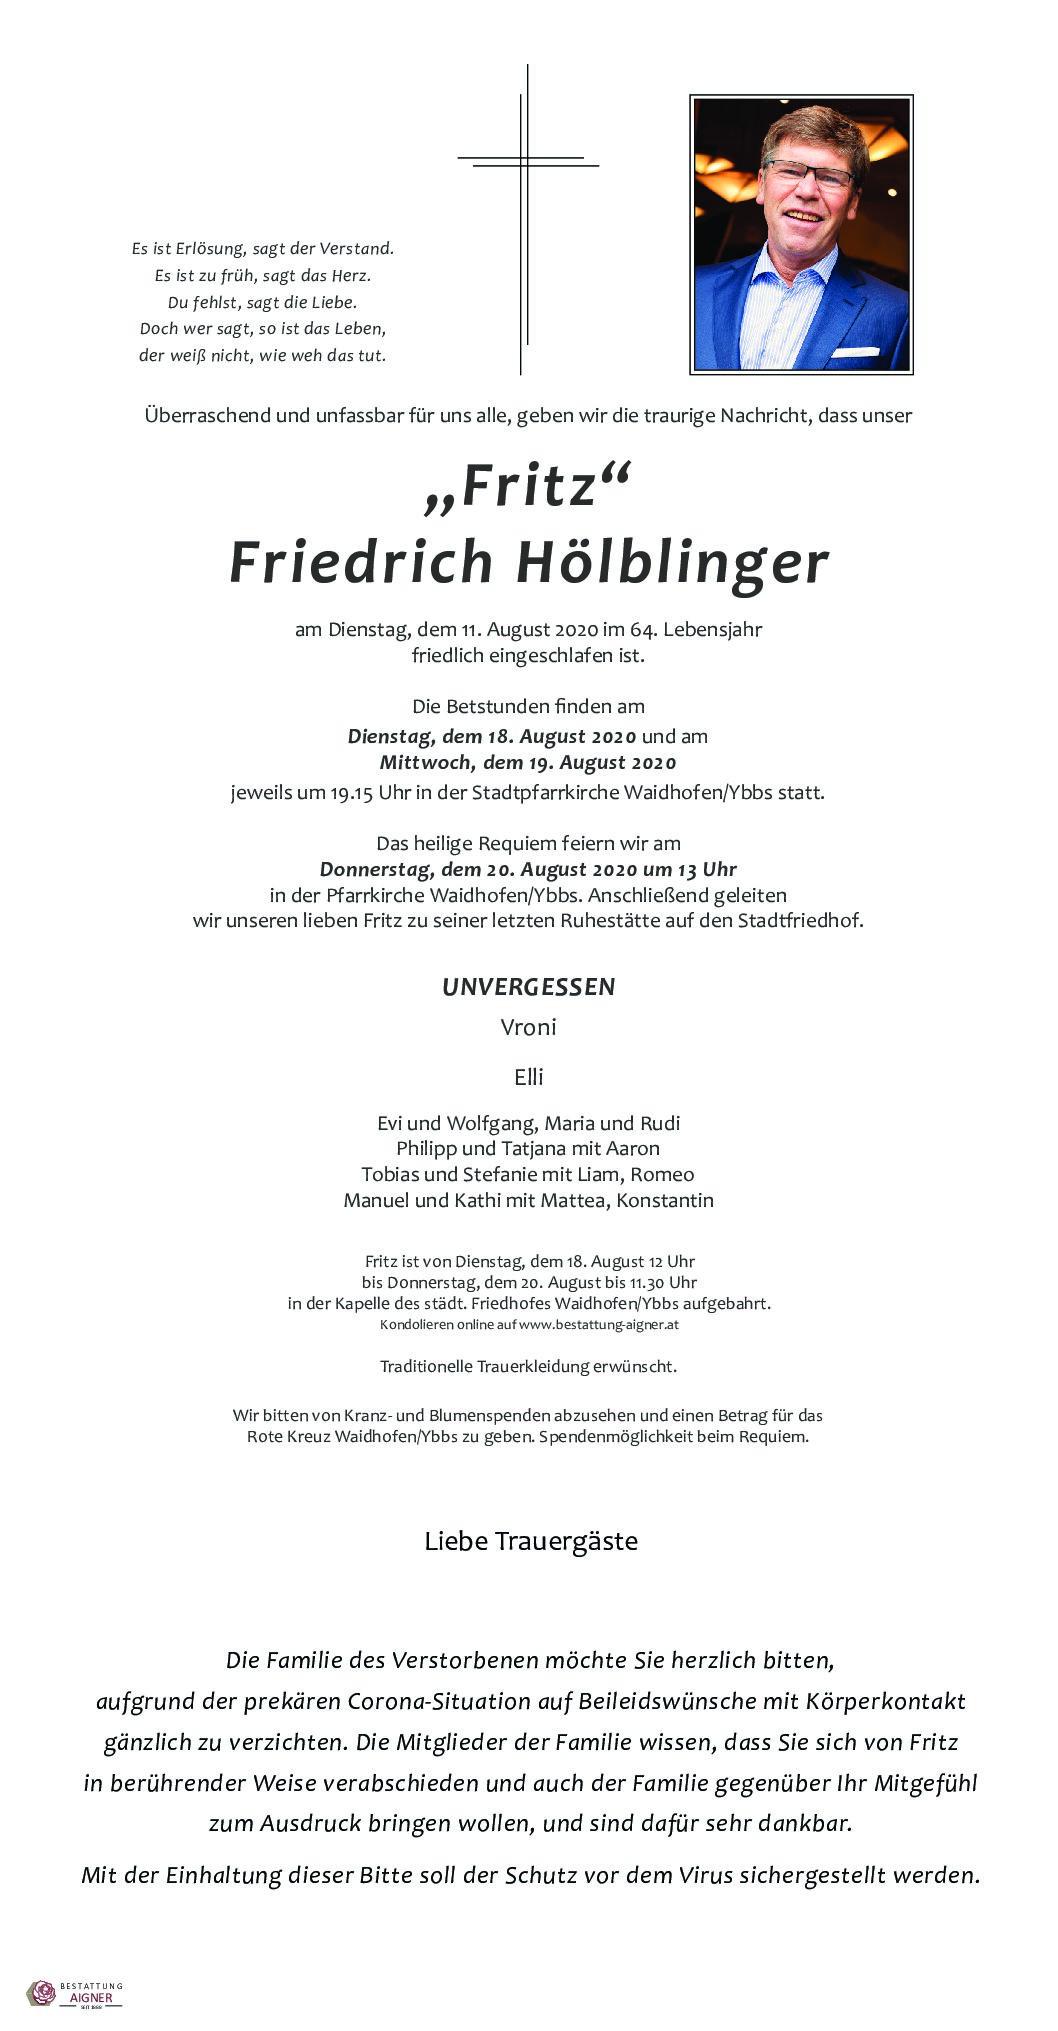 Fritz Hölblinger